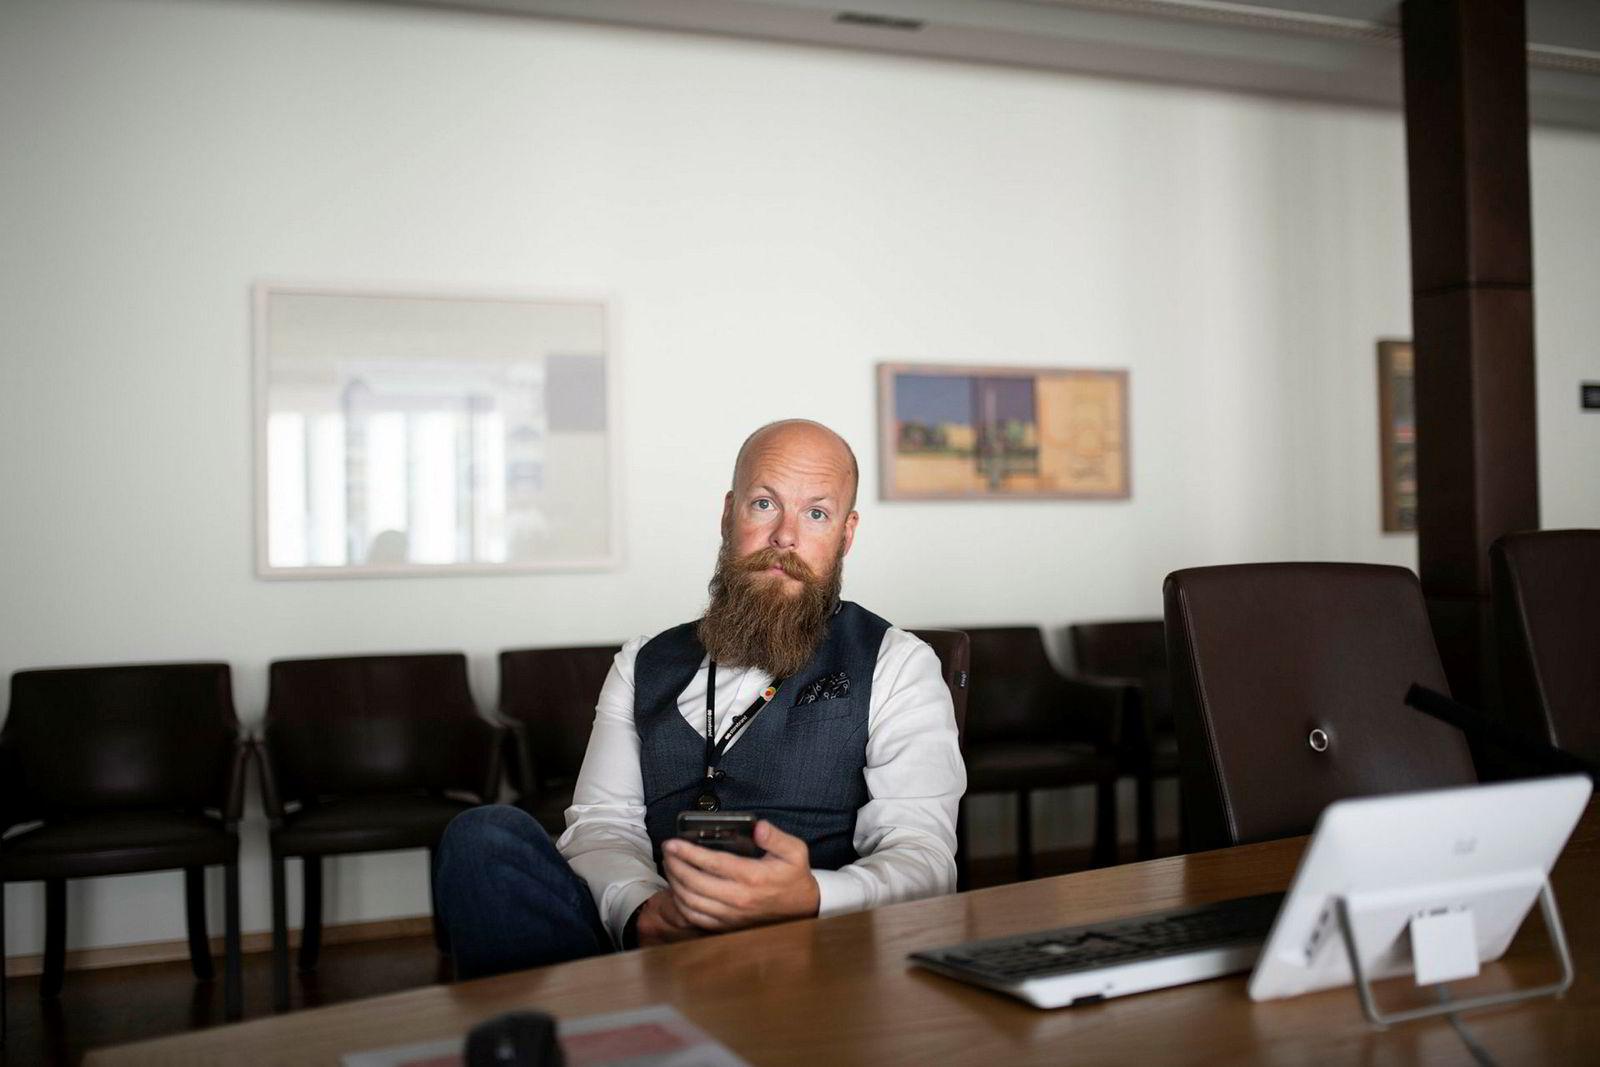 Bjørn Watne, sikkerhetssjef i Storebrand, sier ledelsen i selskapet anser cyberrisko som en av deres største forretningsrisikoer. Et tiltak er for eksempel å sjekke møterommet for mikrofoner før det deles sensitiv informasjon.